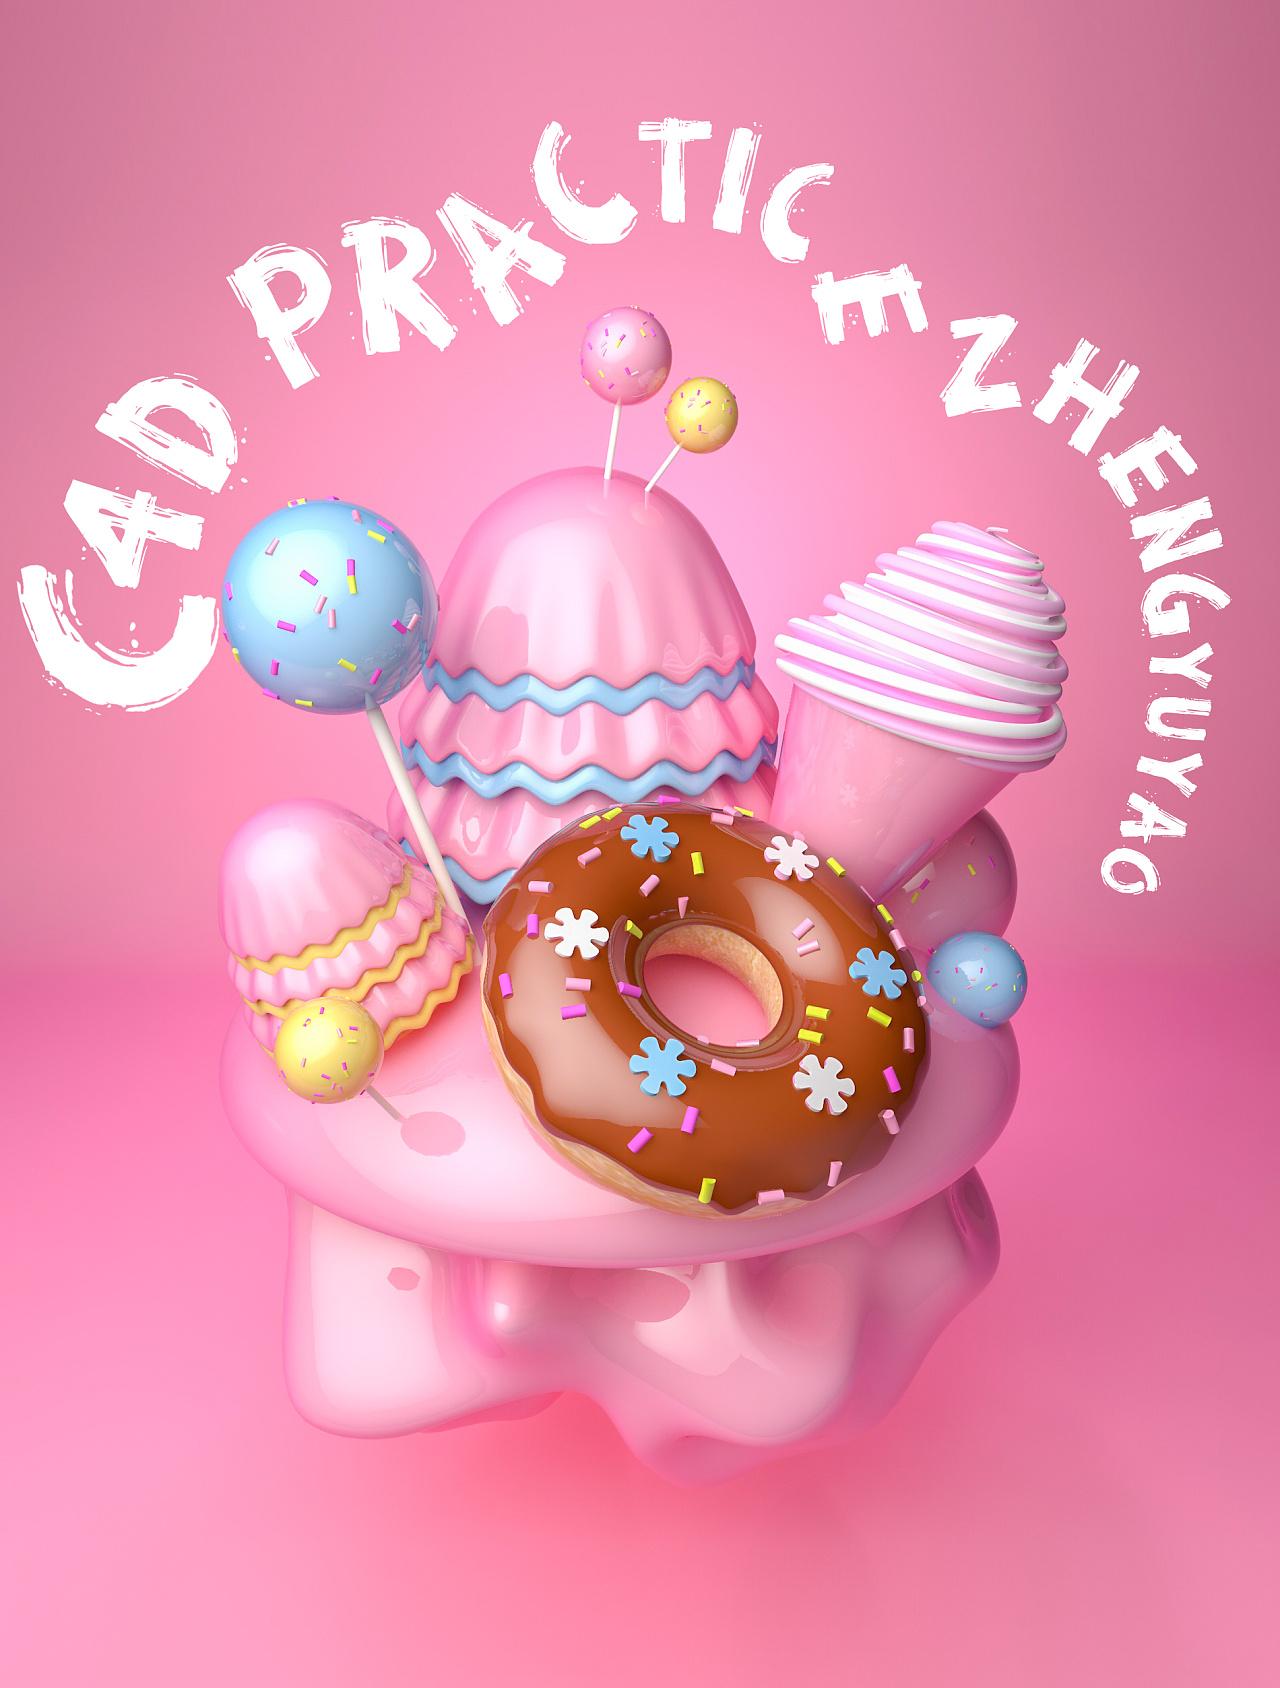 c4d练习甜品食物-甜甜圈-冰淇淋-棒棒糖